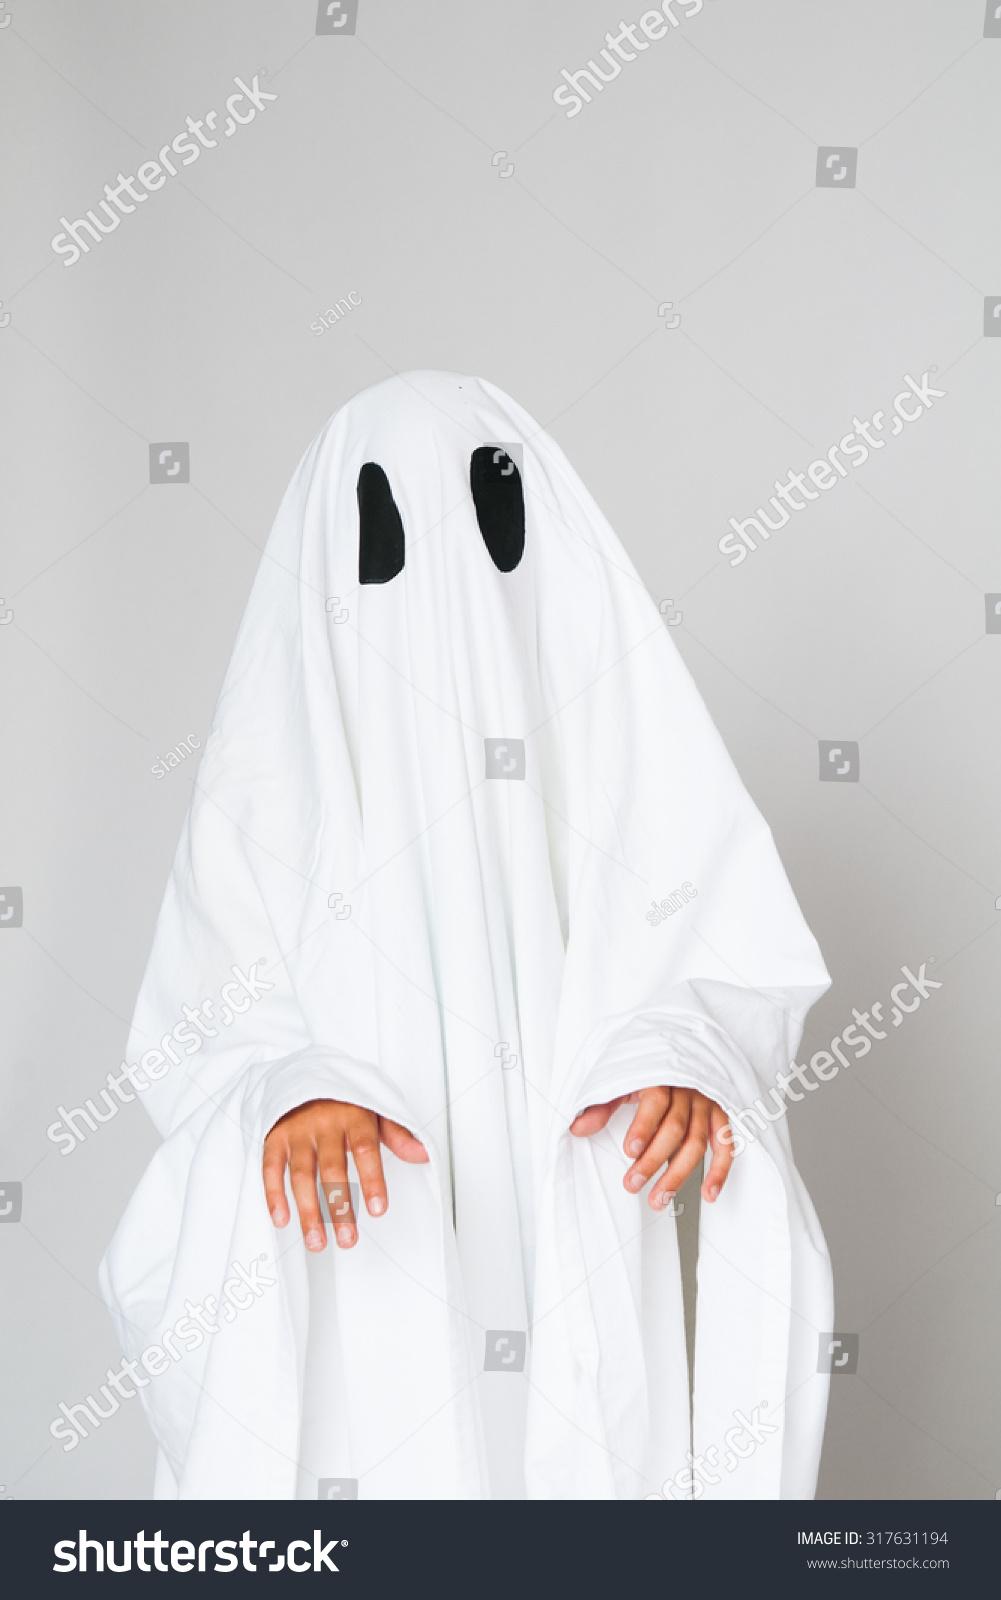 孩子穿着鬼万圣节服装